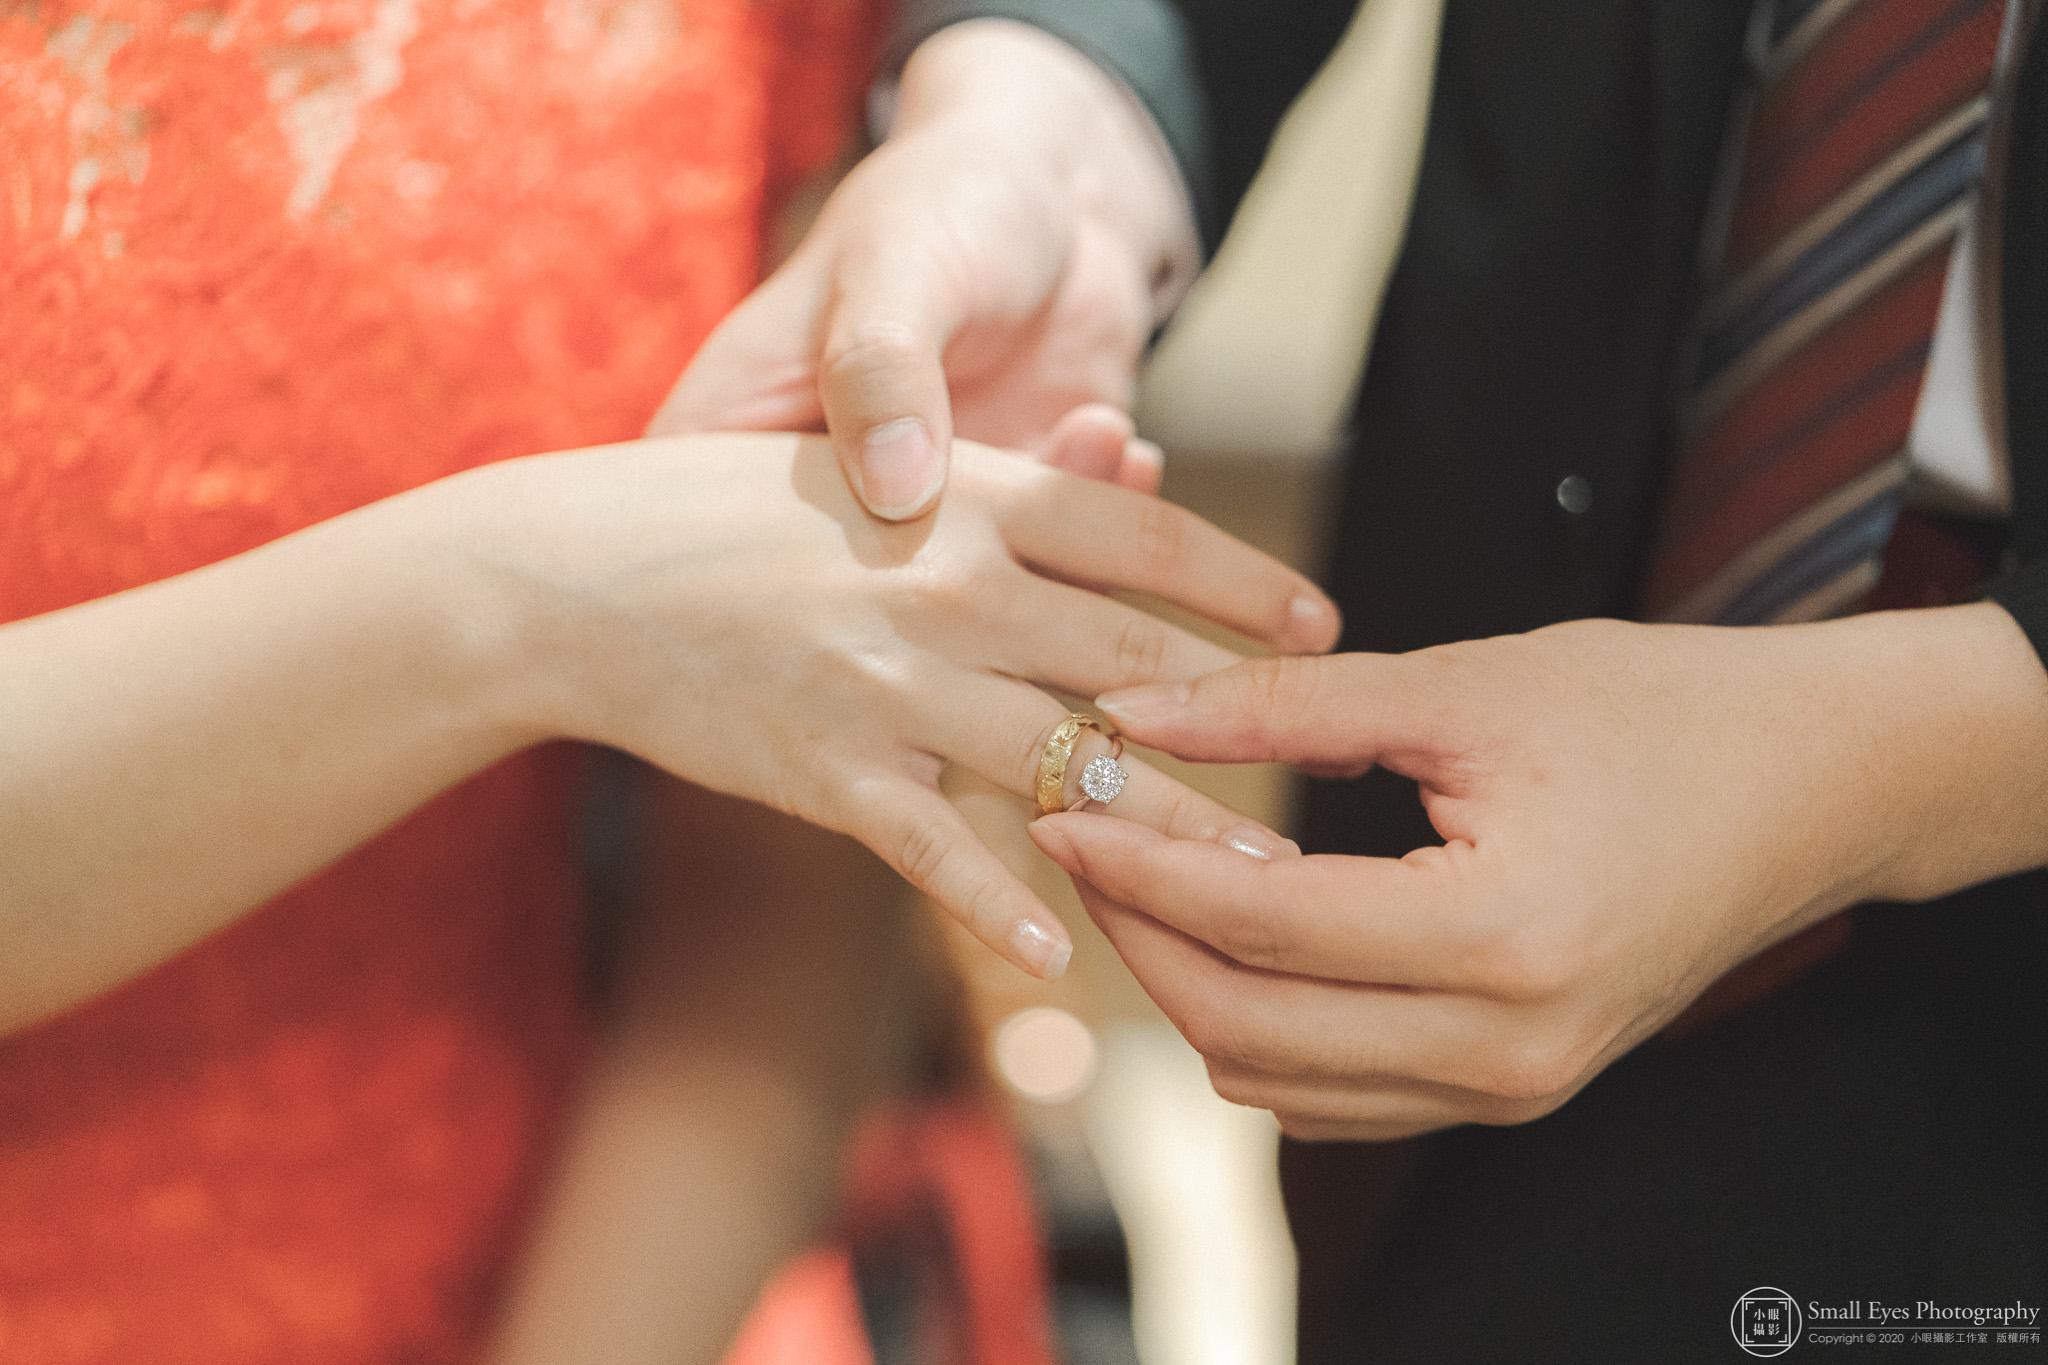 小眼攝影,婚攝,傅祐承,婚禮攝影,婚禮紀實,婚禮紀錄,台北,國賓,大飯店,巴洛克zoe,新娘秘書,交換戒指